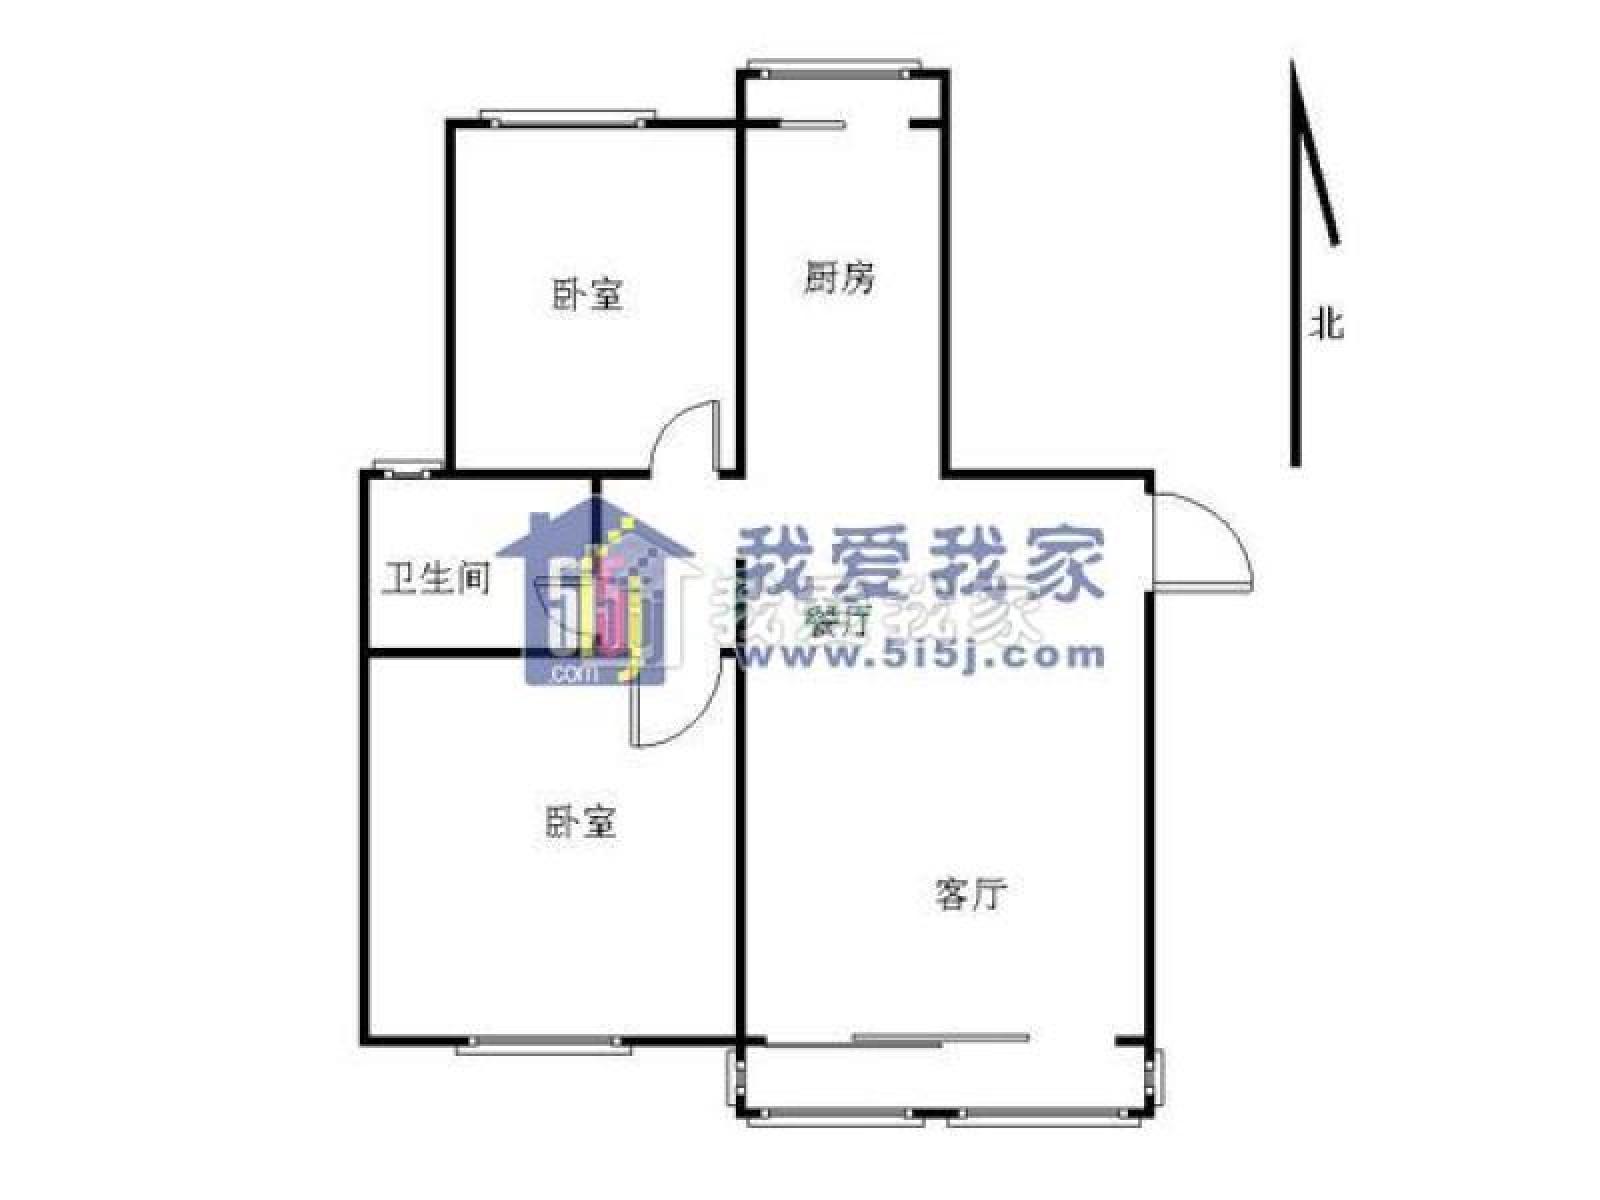 秦淮区大光路香格里拉东苑2室1厅户型图